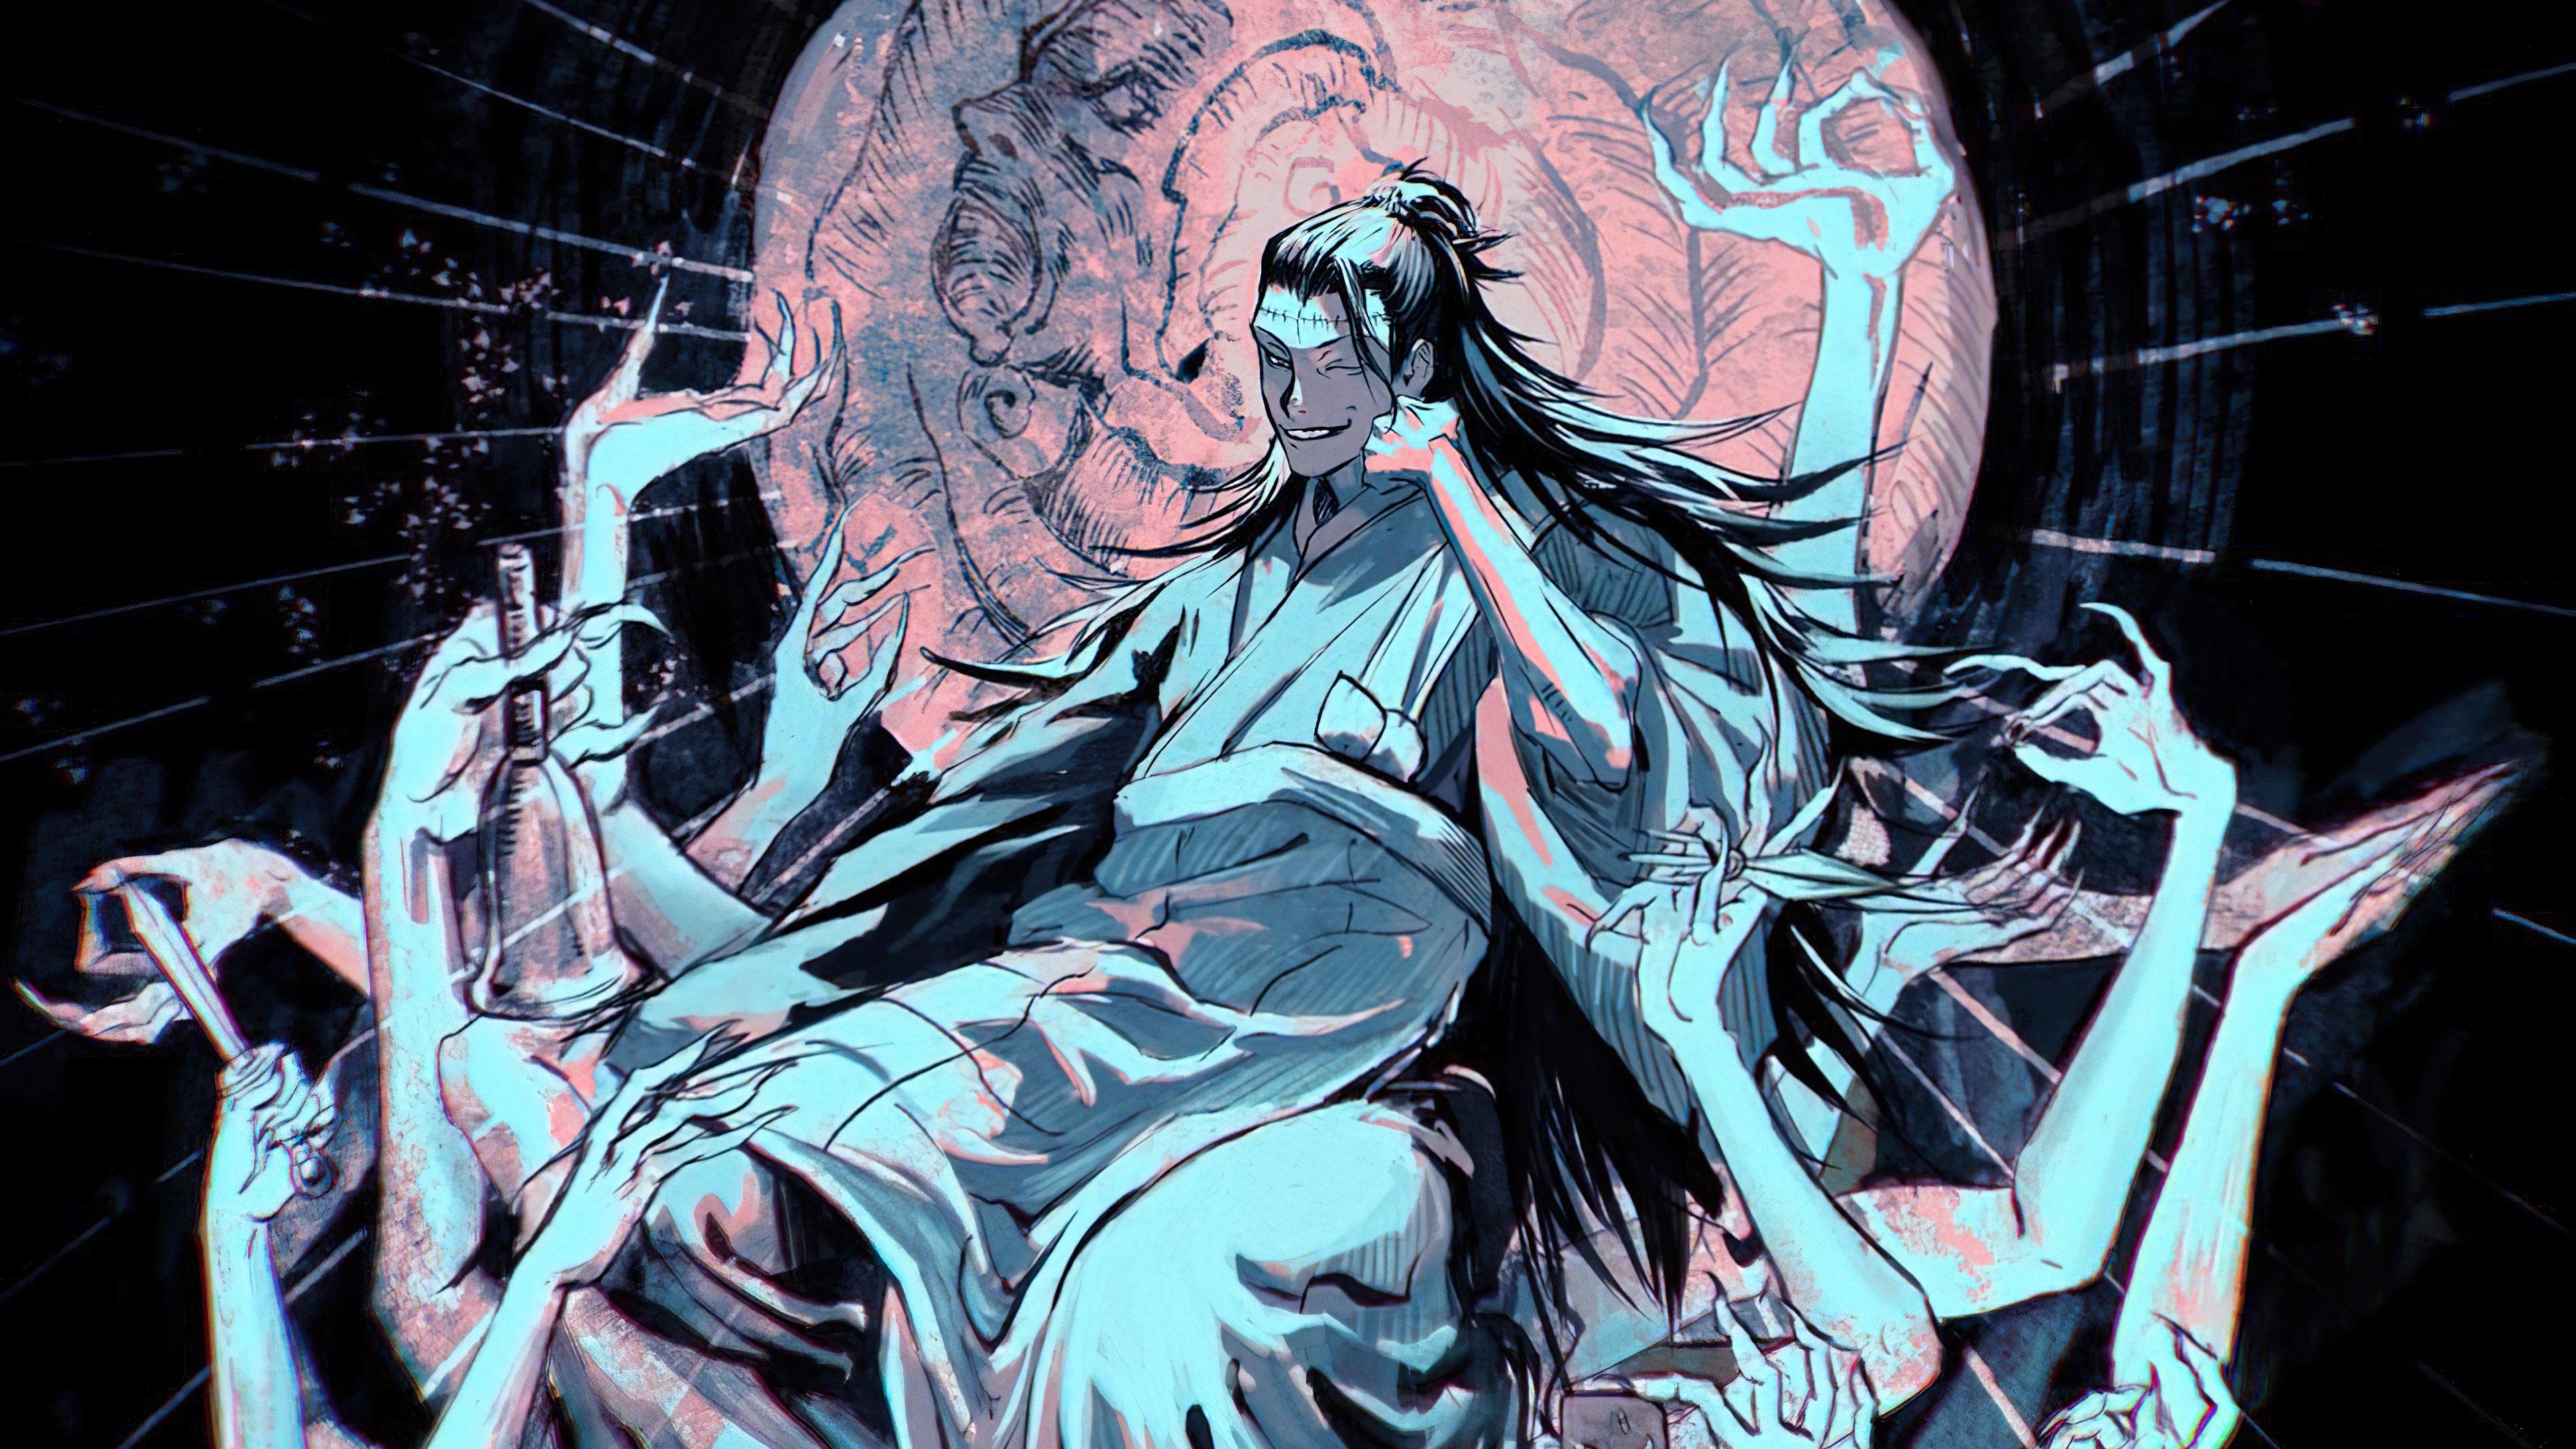 Fondos de pantalla Anime Suguru Geto de Jujutsu Kaisen